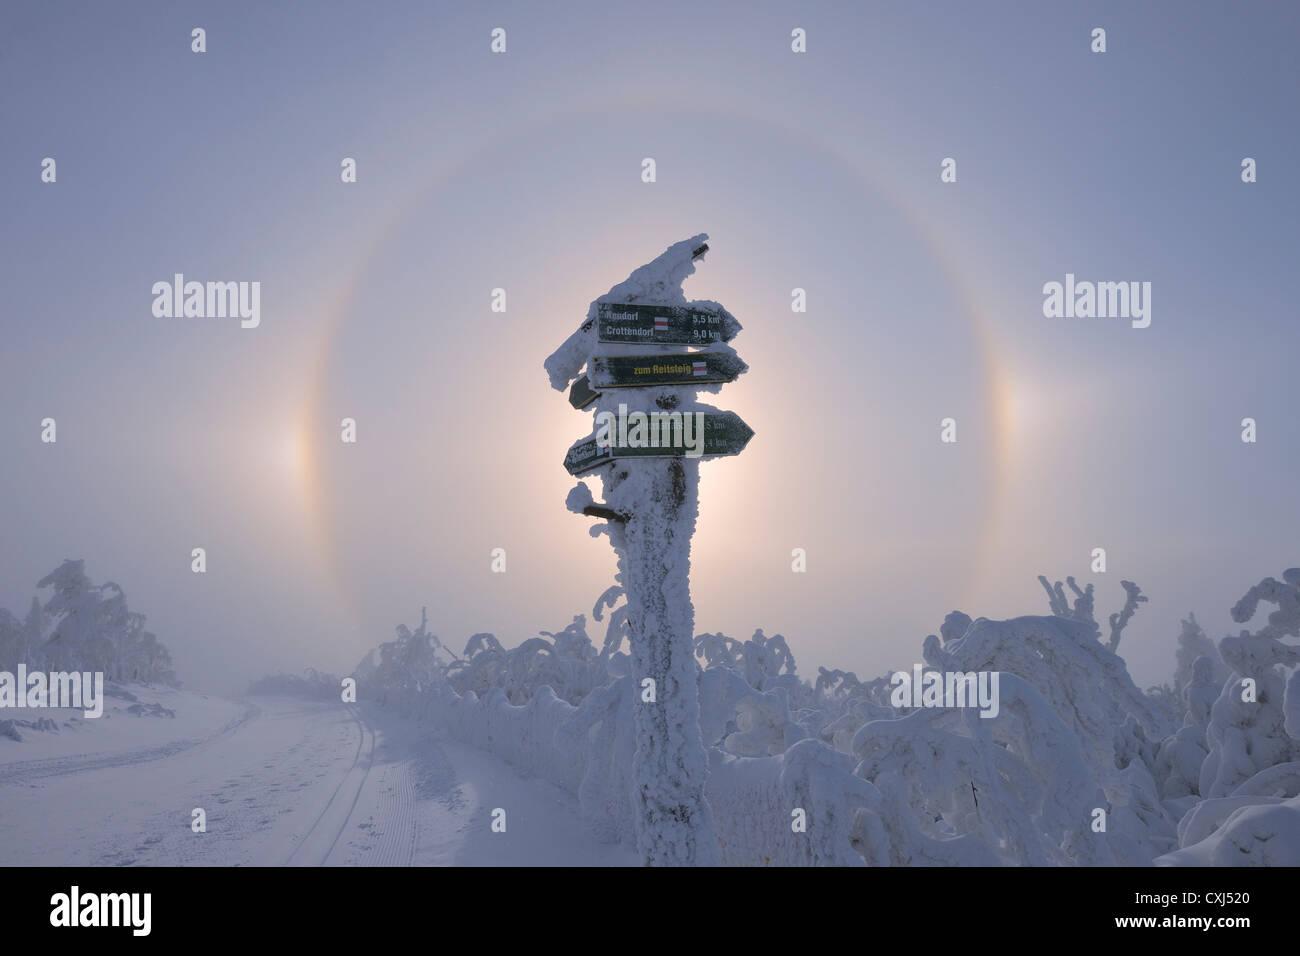 Vista di sundog con segno direzionale nel paesaggio innevato Foto Stock